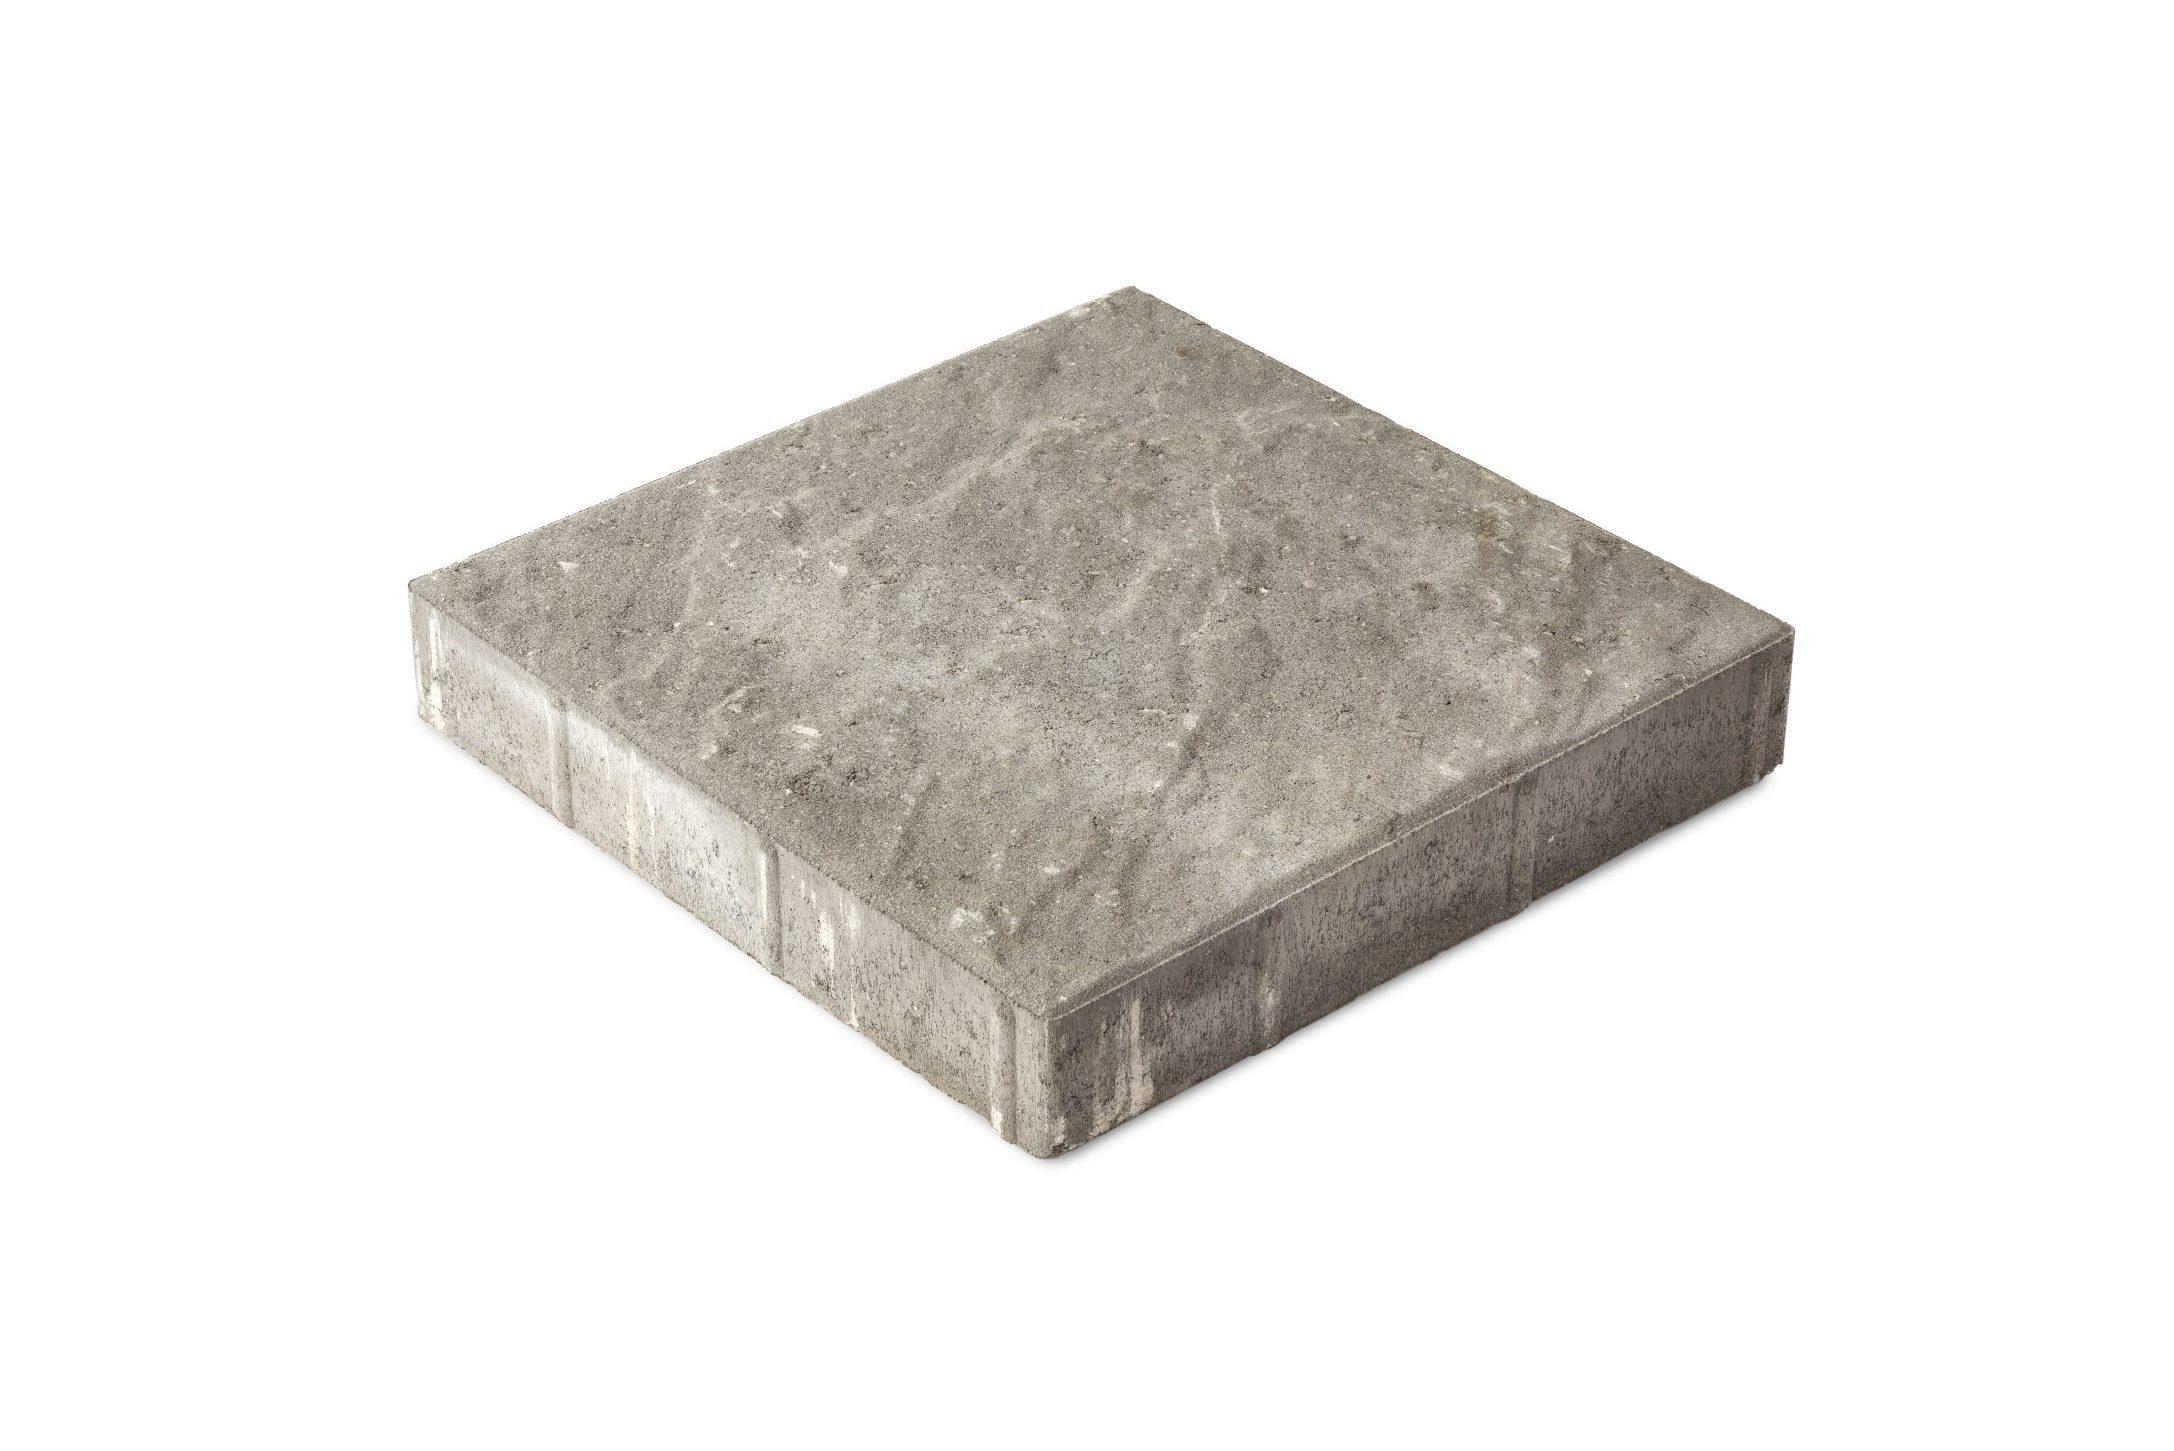 Pintaprofiloitu betonilaatta 298x295x50 harmaa